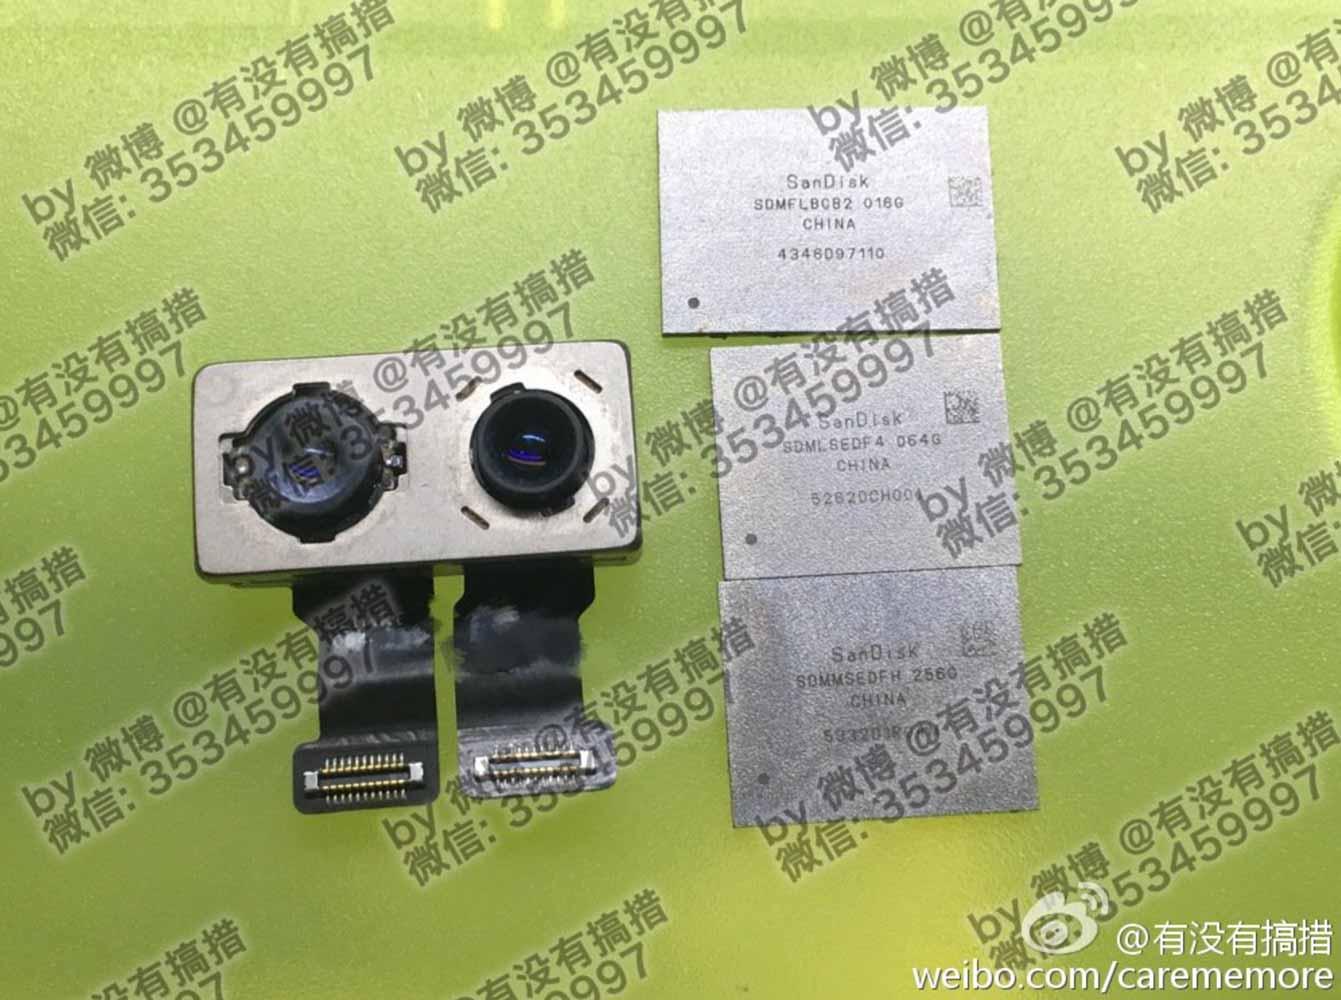 「iPhone 7 Plus」のデュアルカメラやNANDフラッシュメモリのパーツ画像がリークされる!? 256GBモデルも??